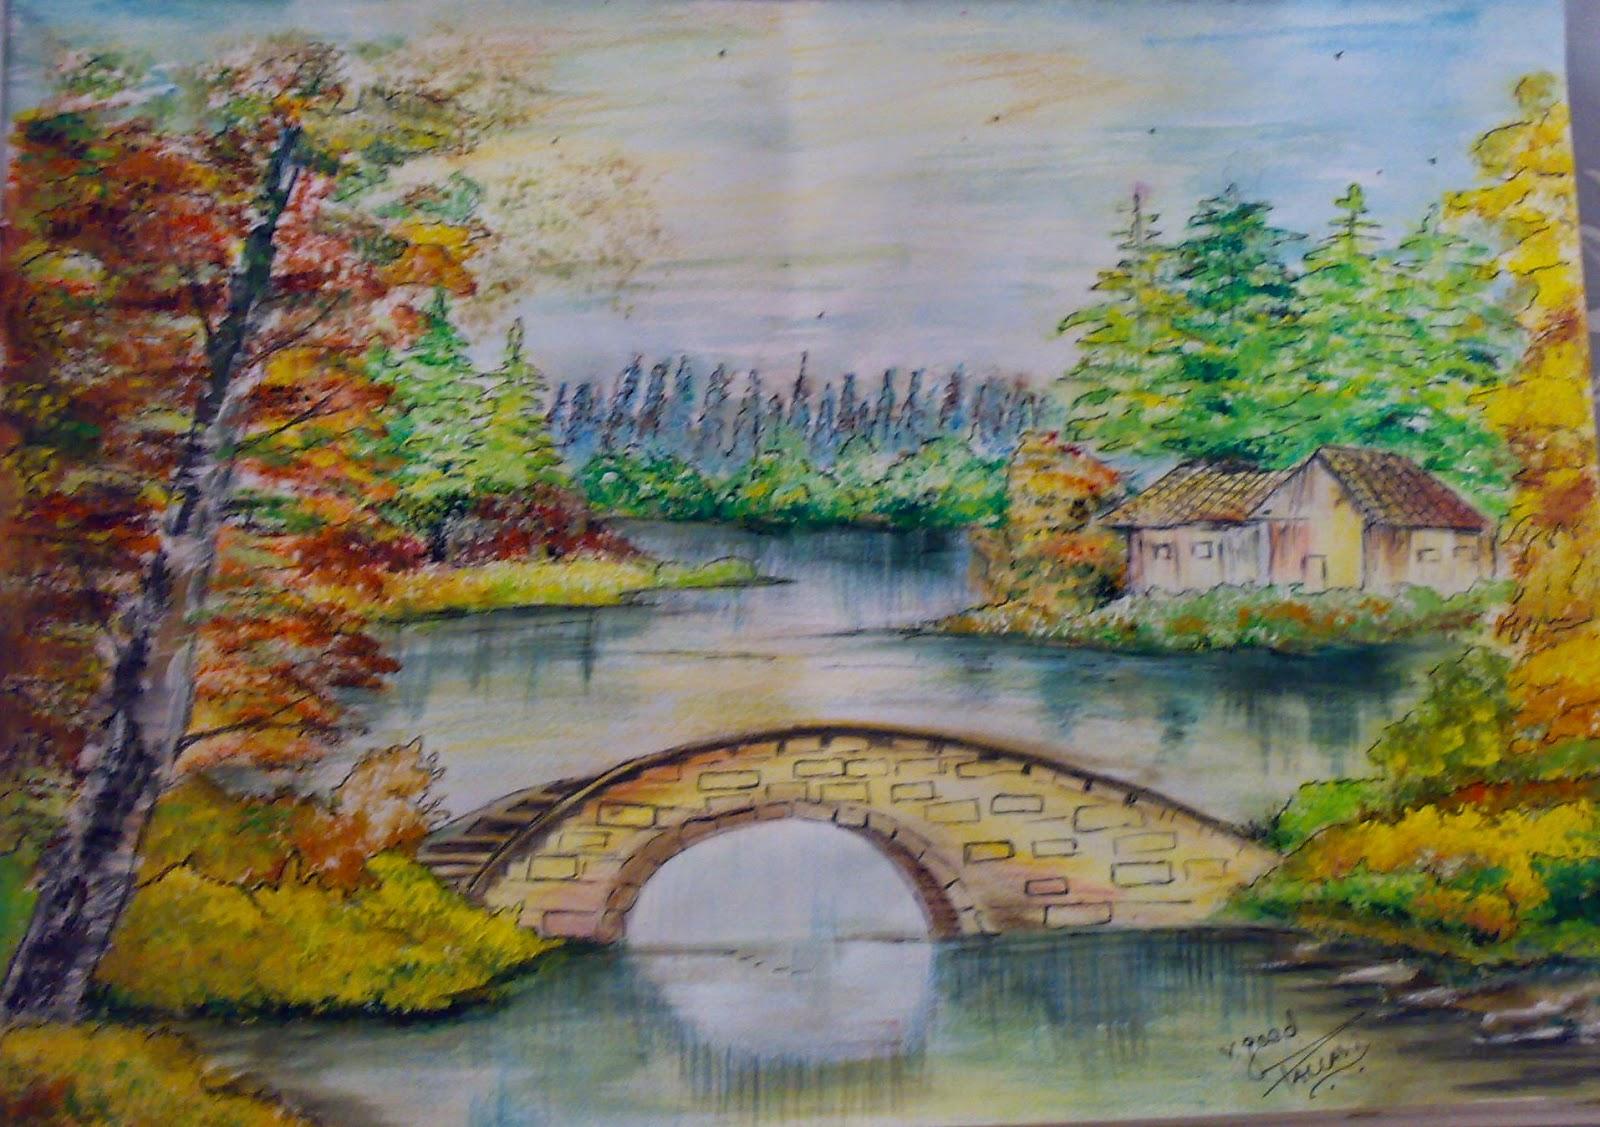 Asha 39 s musings ramblings nature some memories fun - Colorful nature pics ...